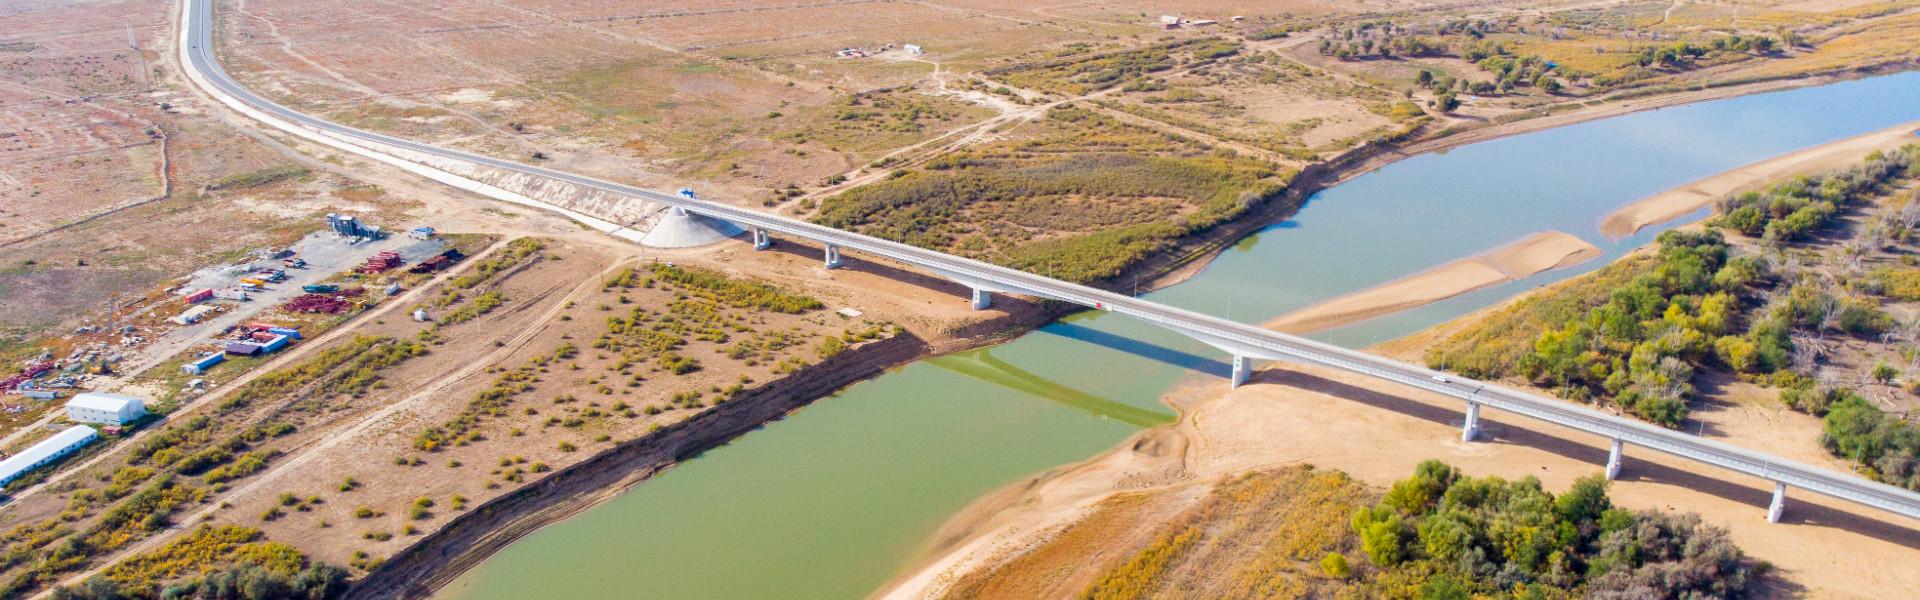 Махамбетский безопорный мост